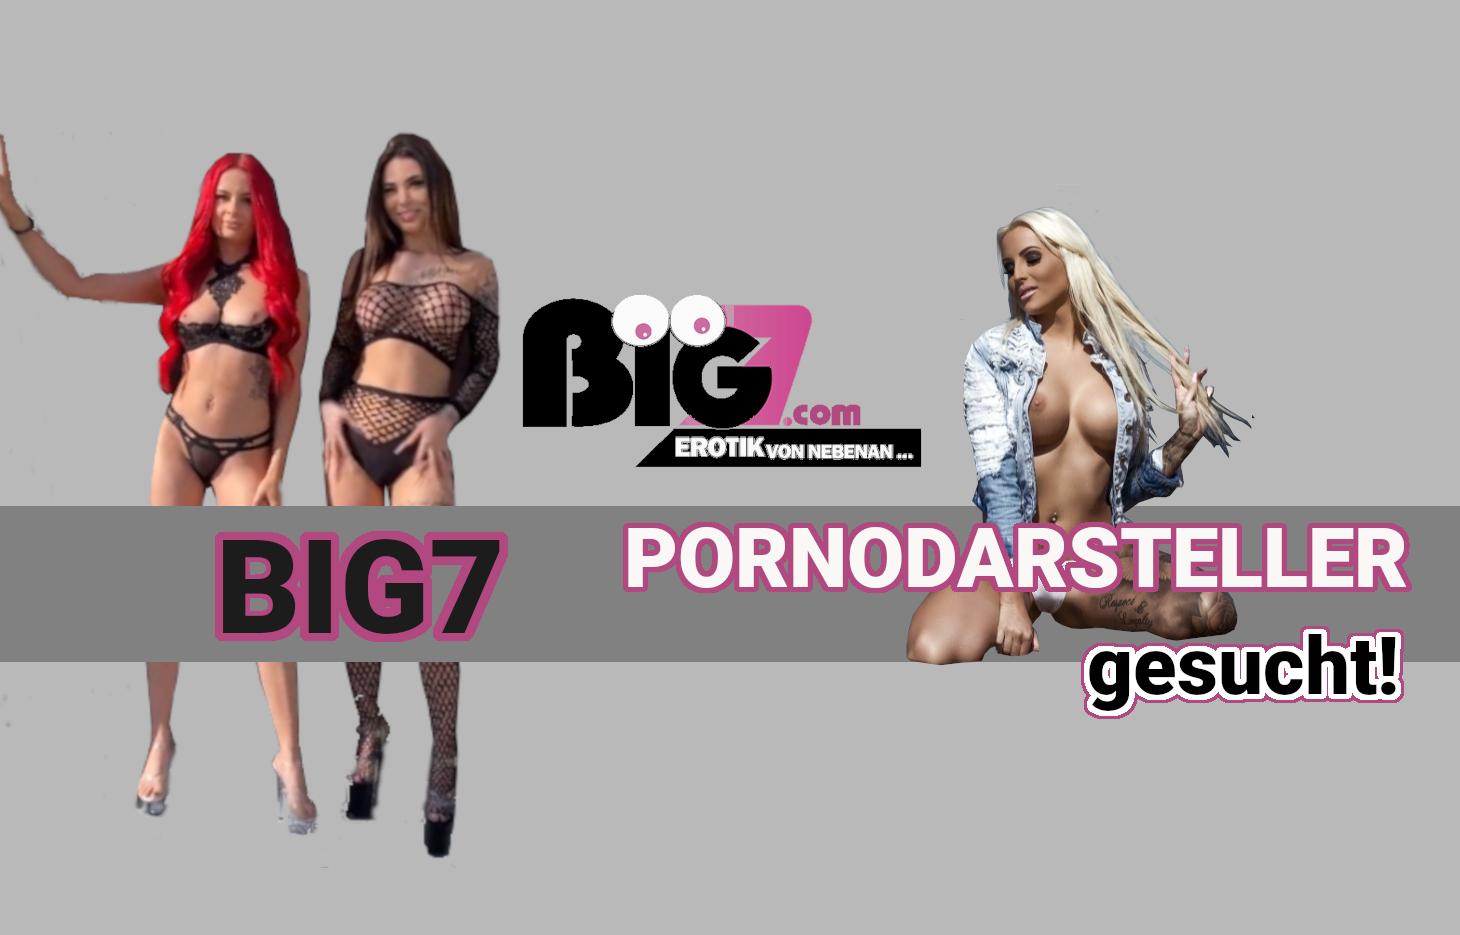 Pornodarsteller gesucht – Echte Pornoamateure ficken